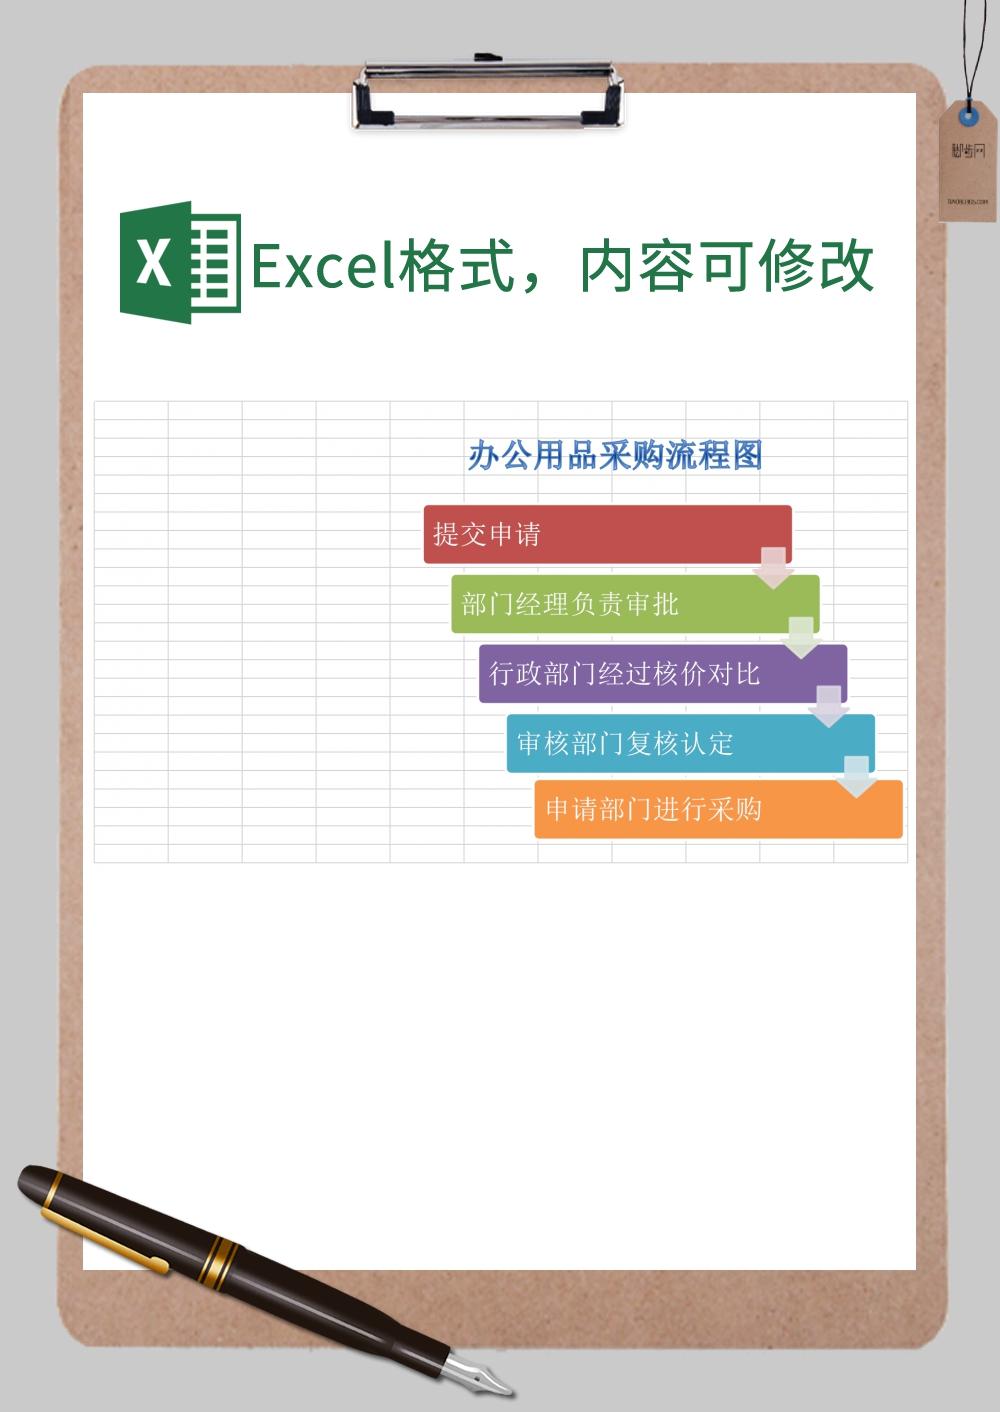 办公用品采购流程图xExcel模板